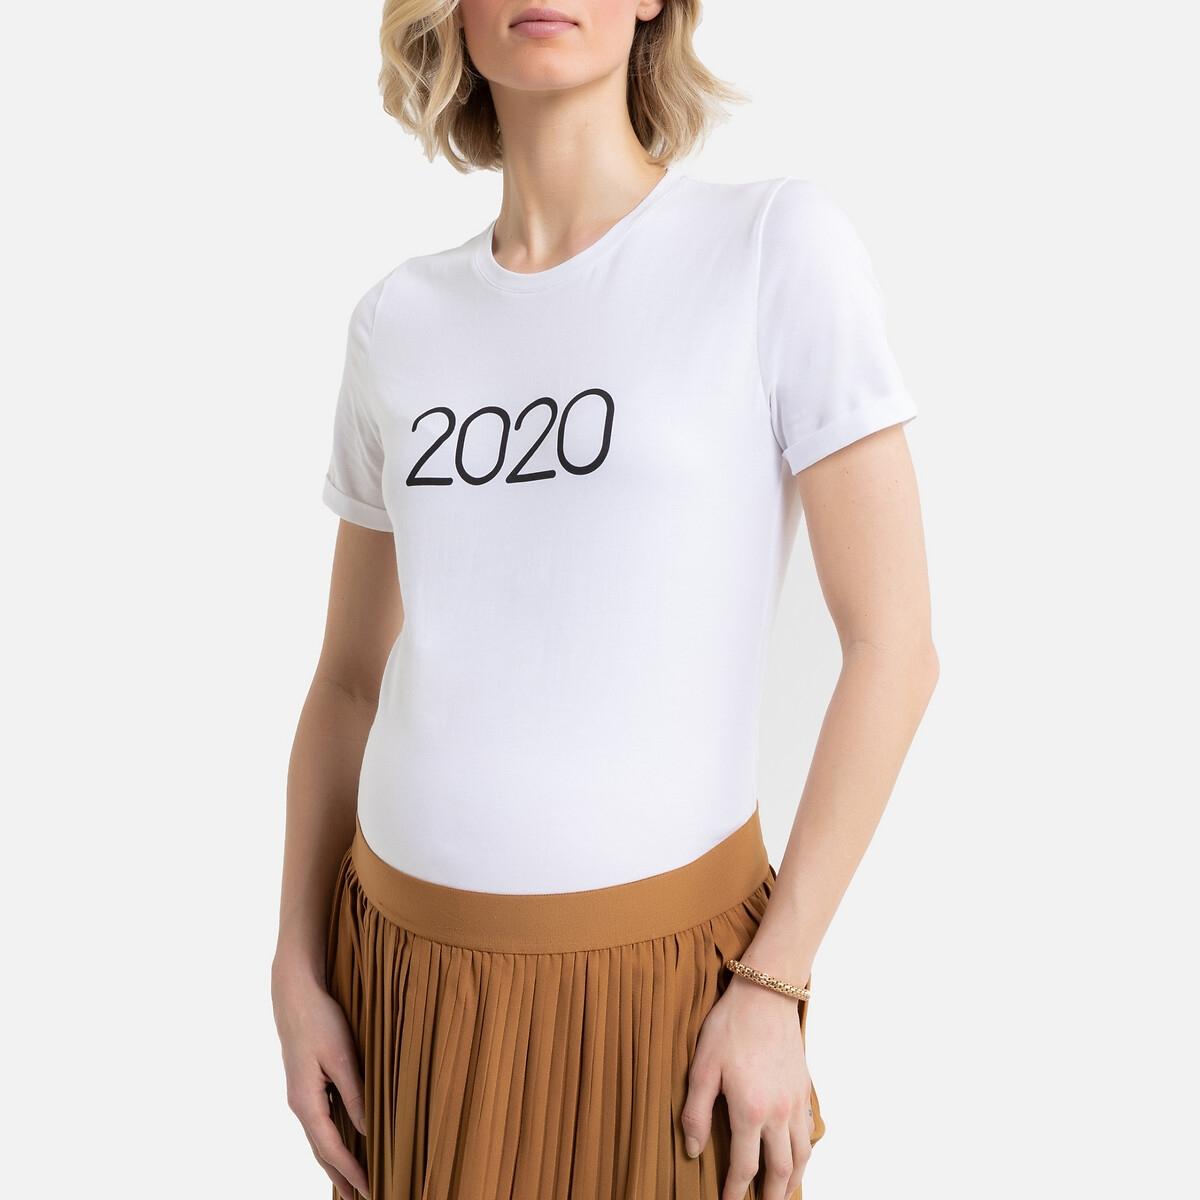 T-shirt para grávida com mensagem 2020